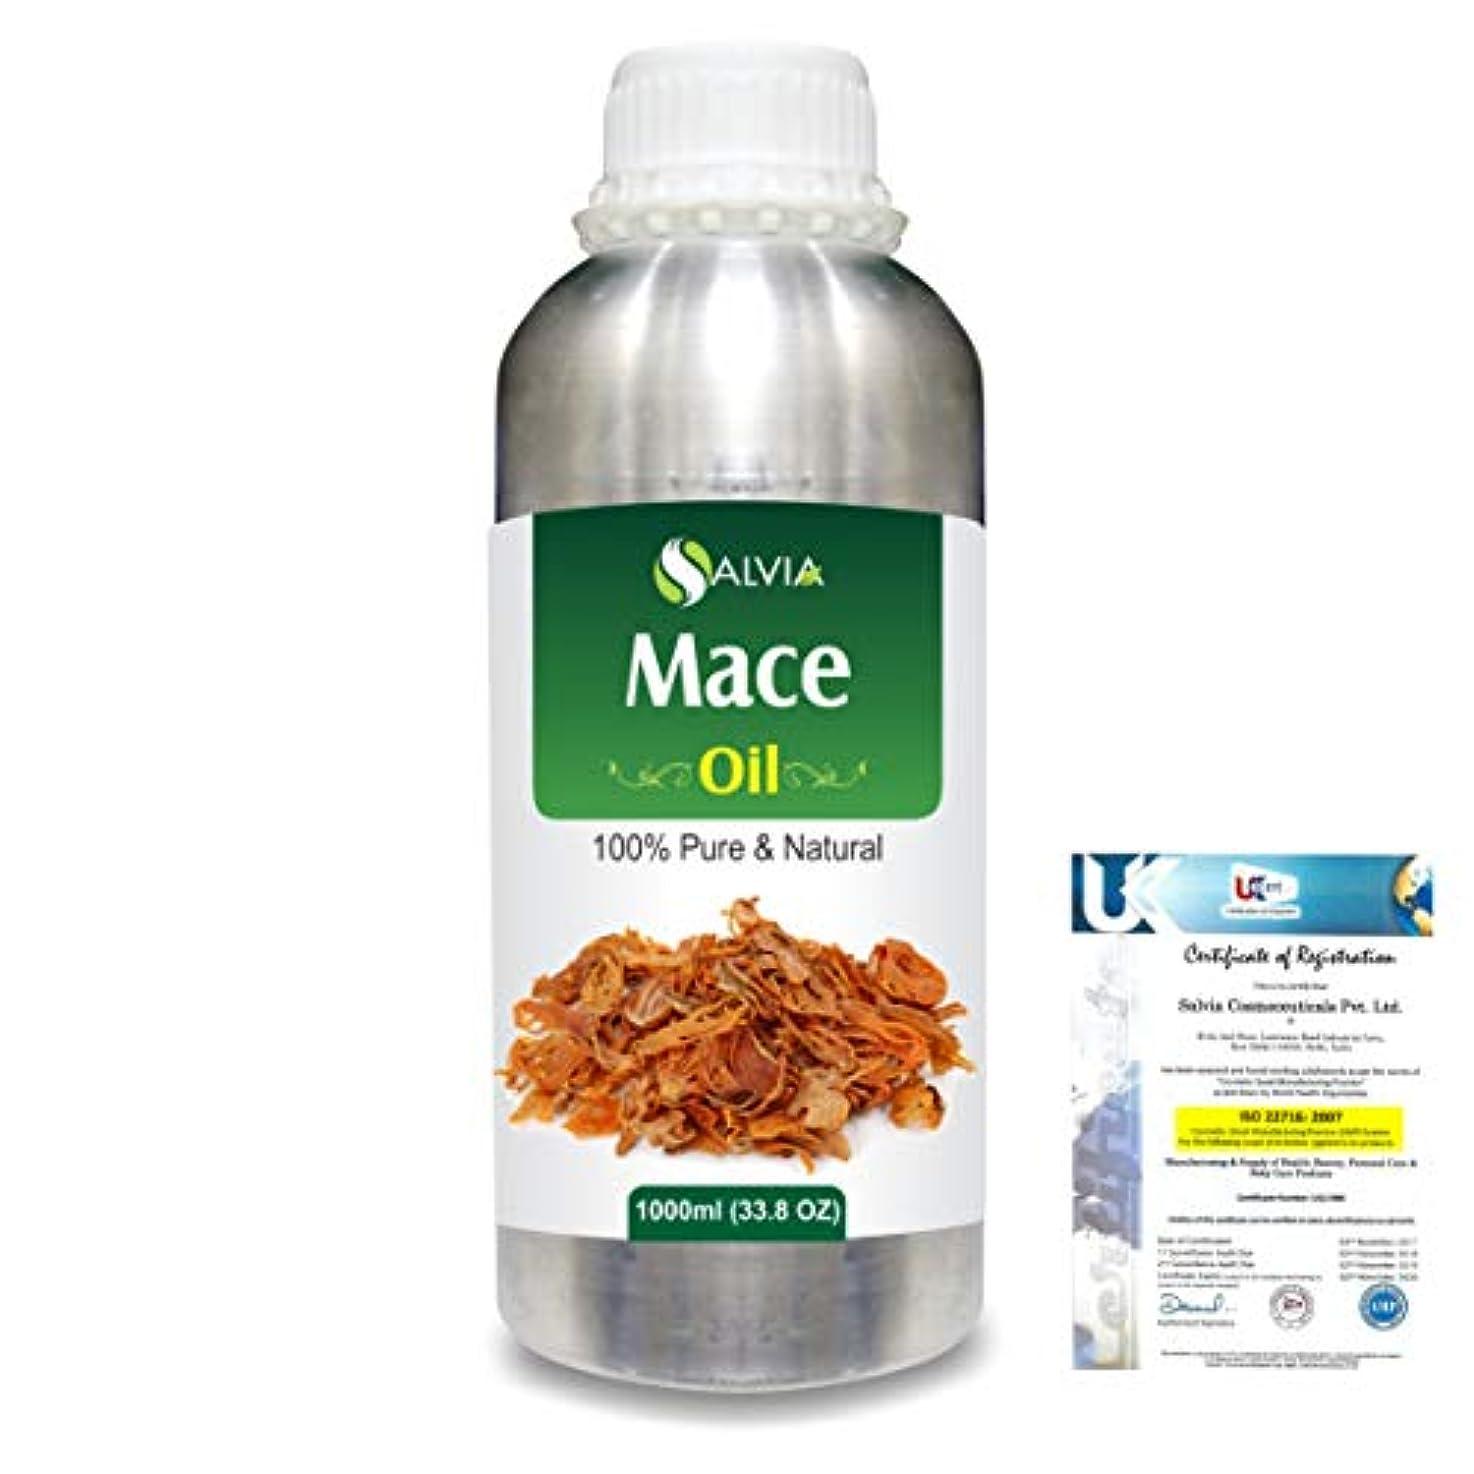 化石居眠りする同意するMace (Myristica fragrans) 100% Natural Pure Essential Oil 1000ml/33.8fl.oz.